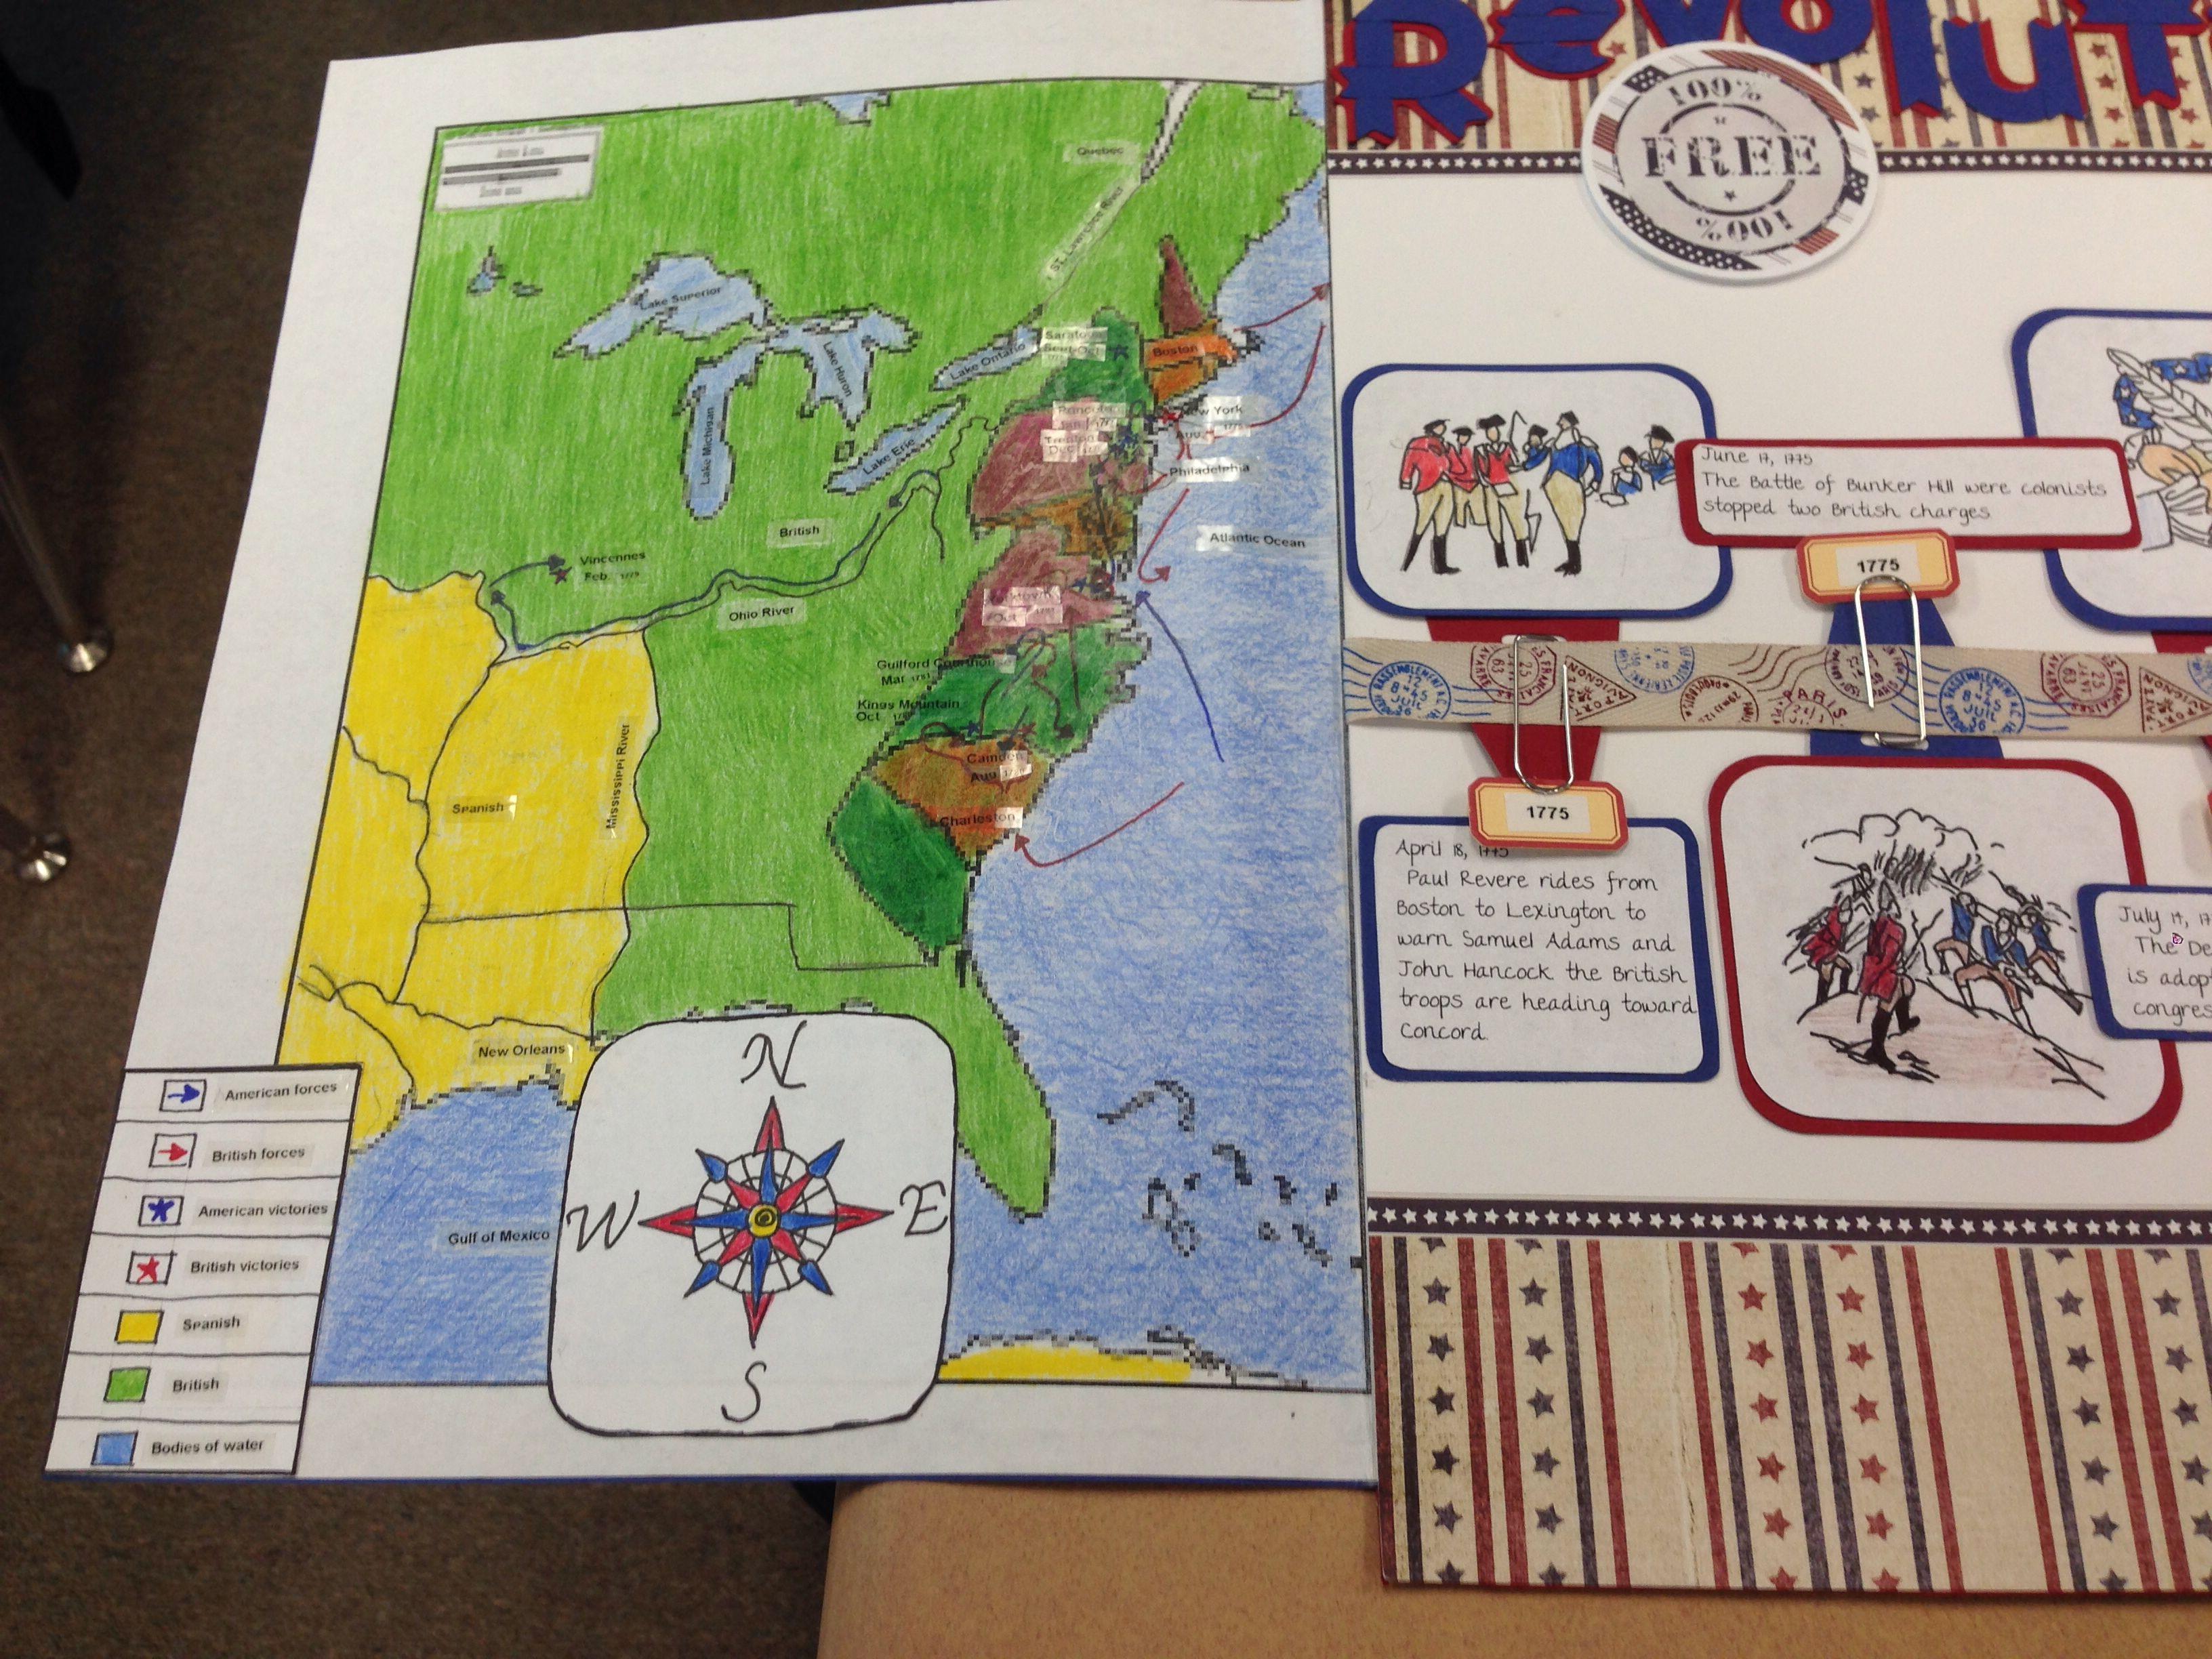 Revolutionary War Timeline Map